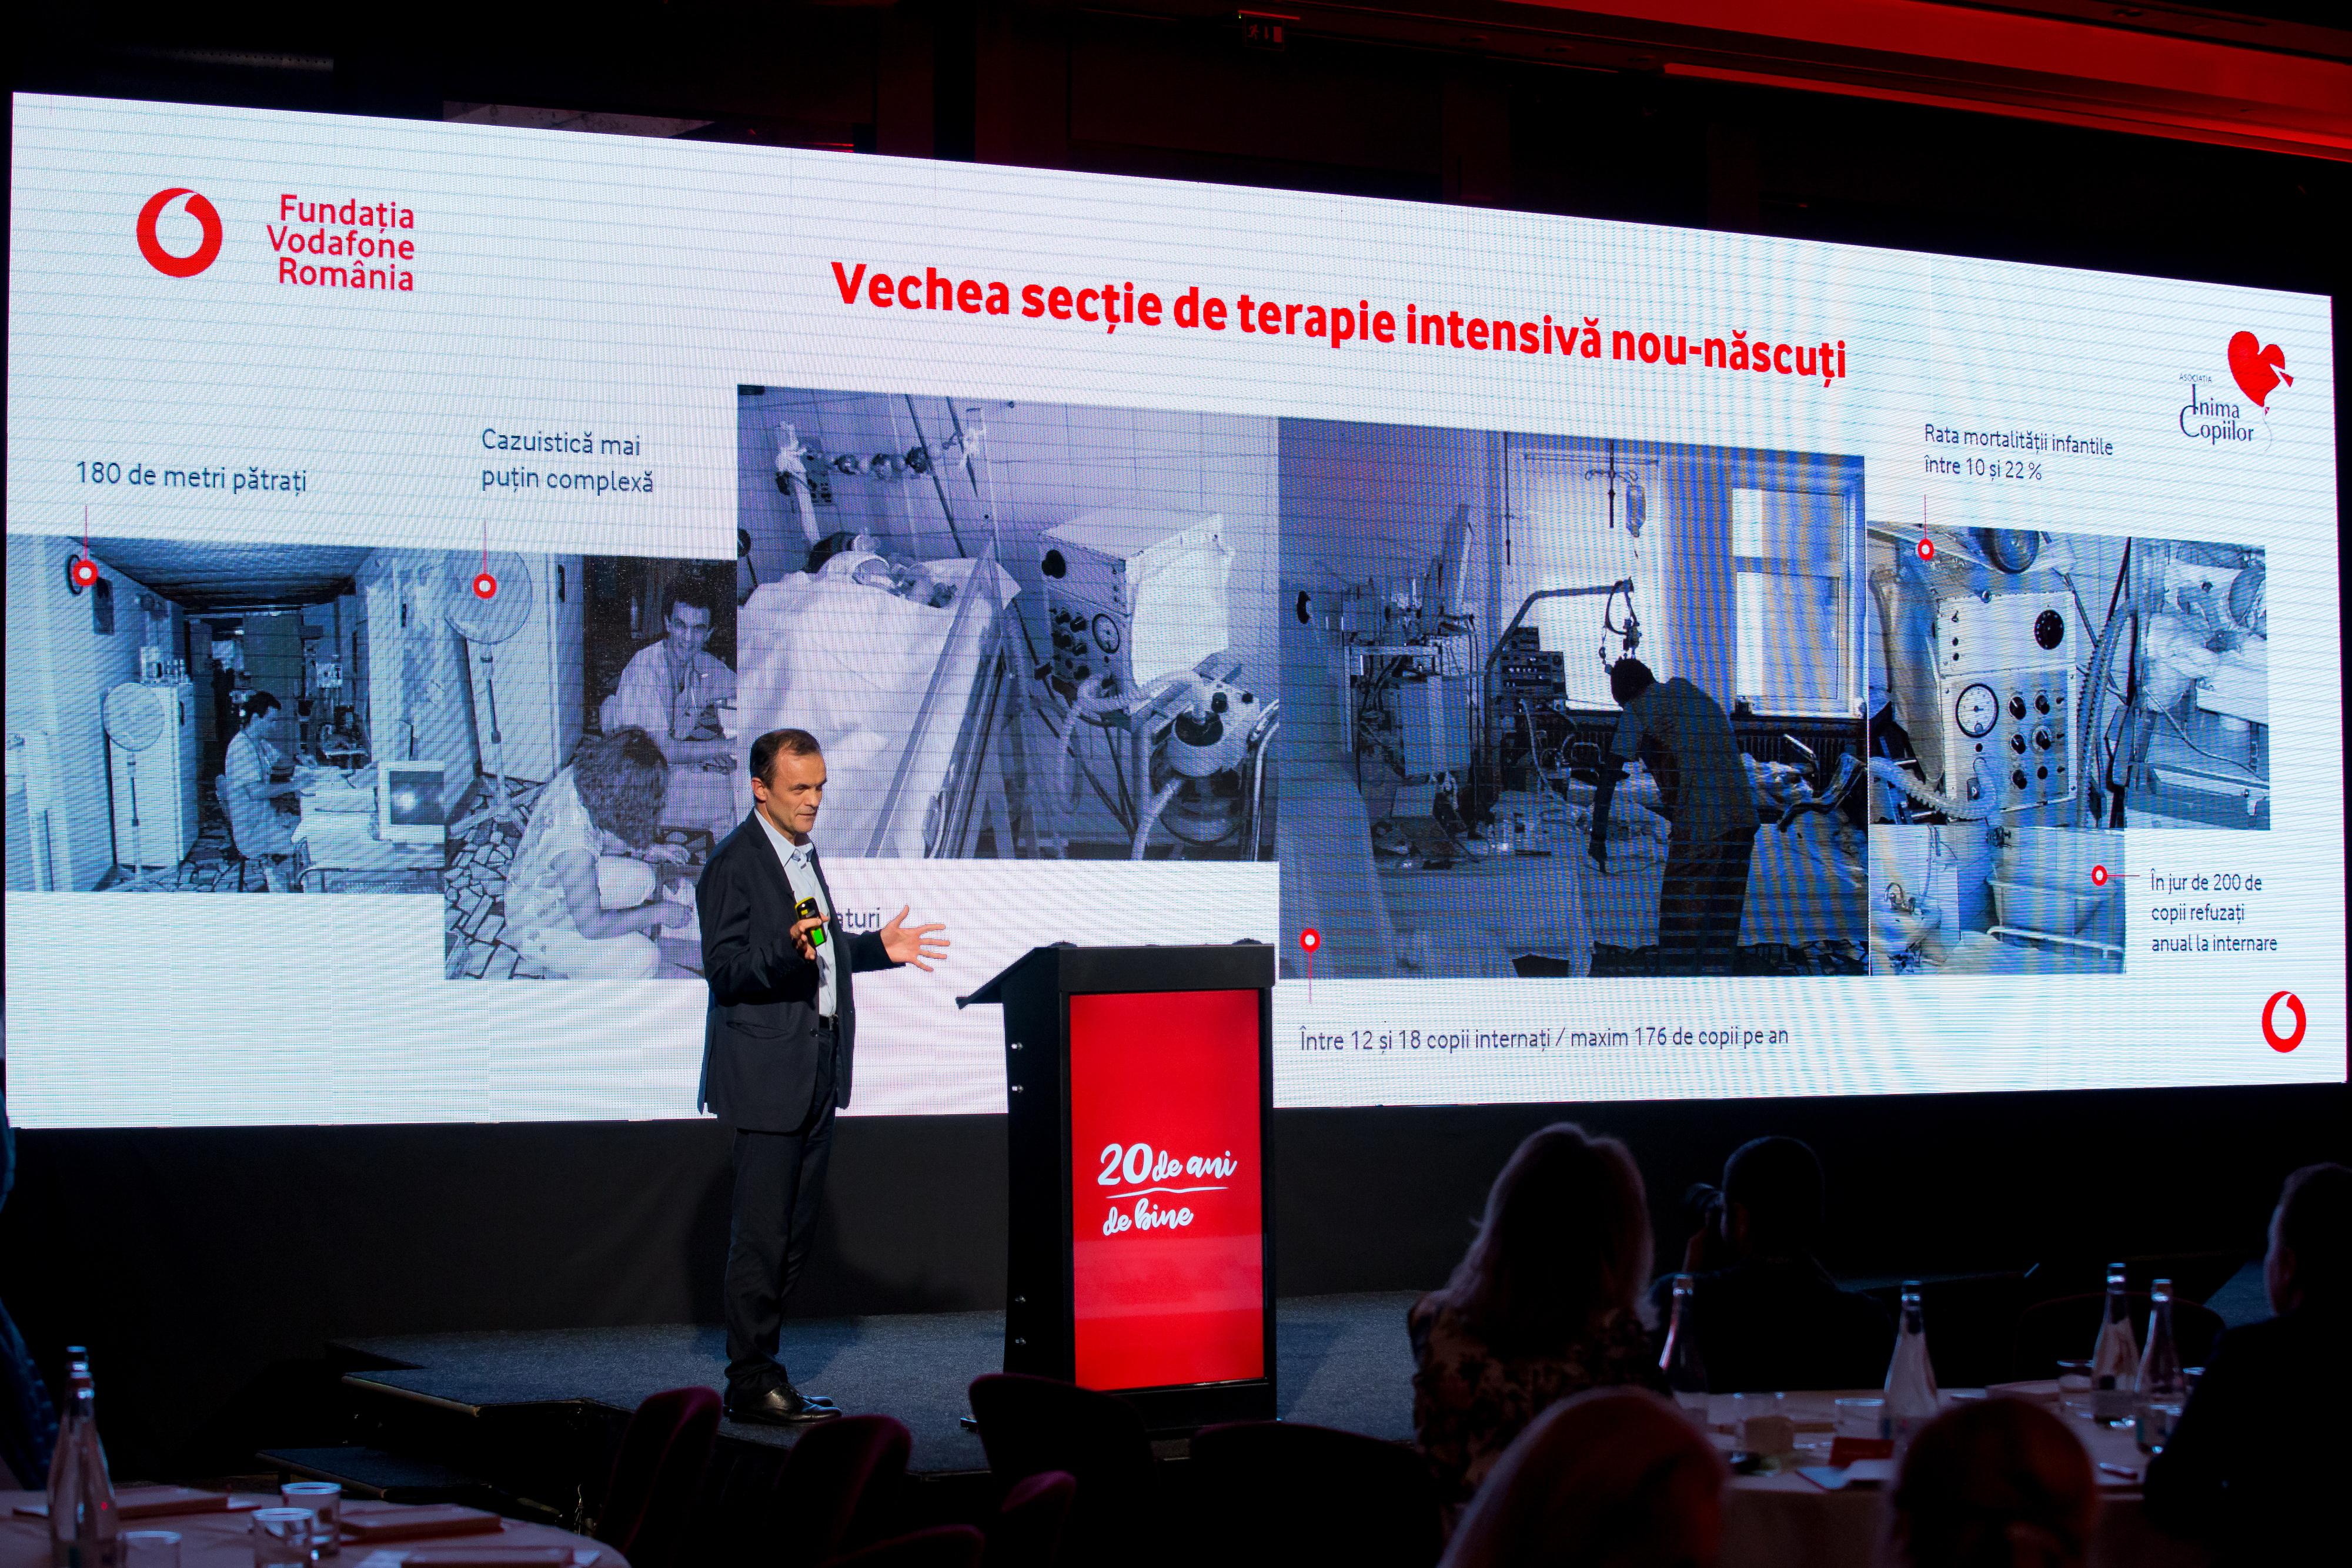 Fundația Vodafone România finanțează cu 1,1 milioane de euro proiectul nostru